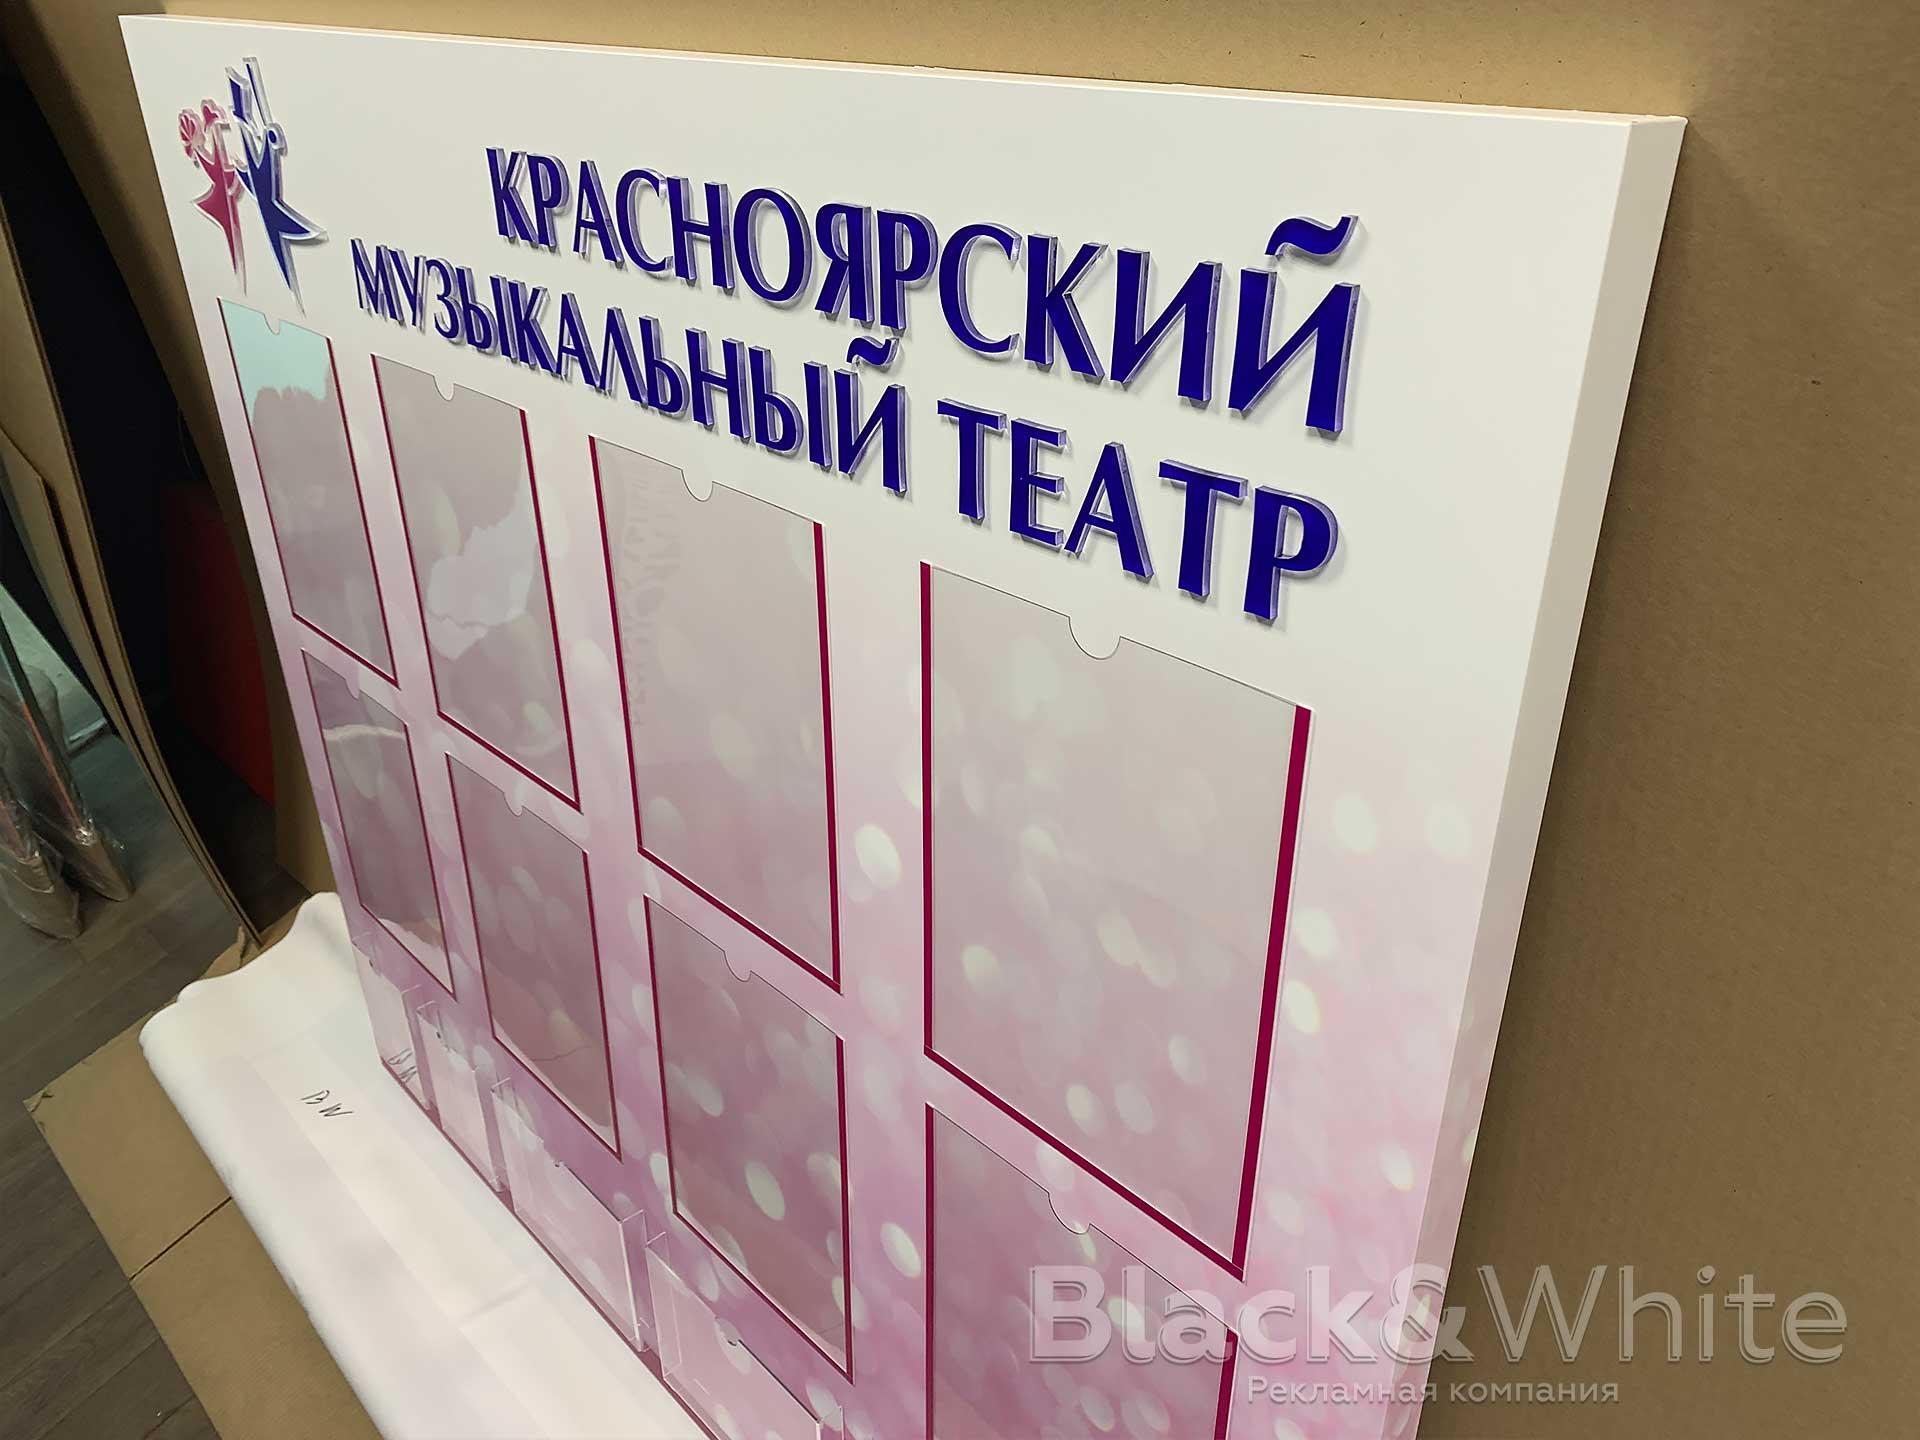 информационный-стенд-с-карманами-с-прозрачными-буквами-в-красноярске.jpg